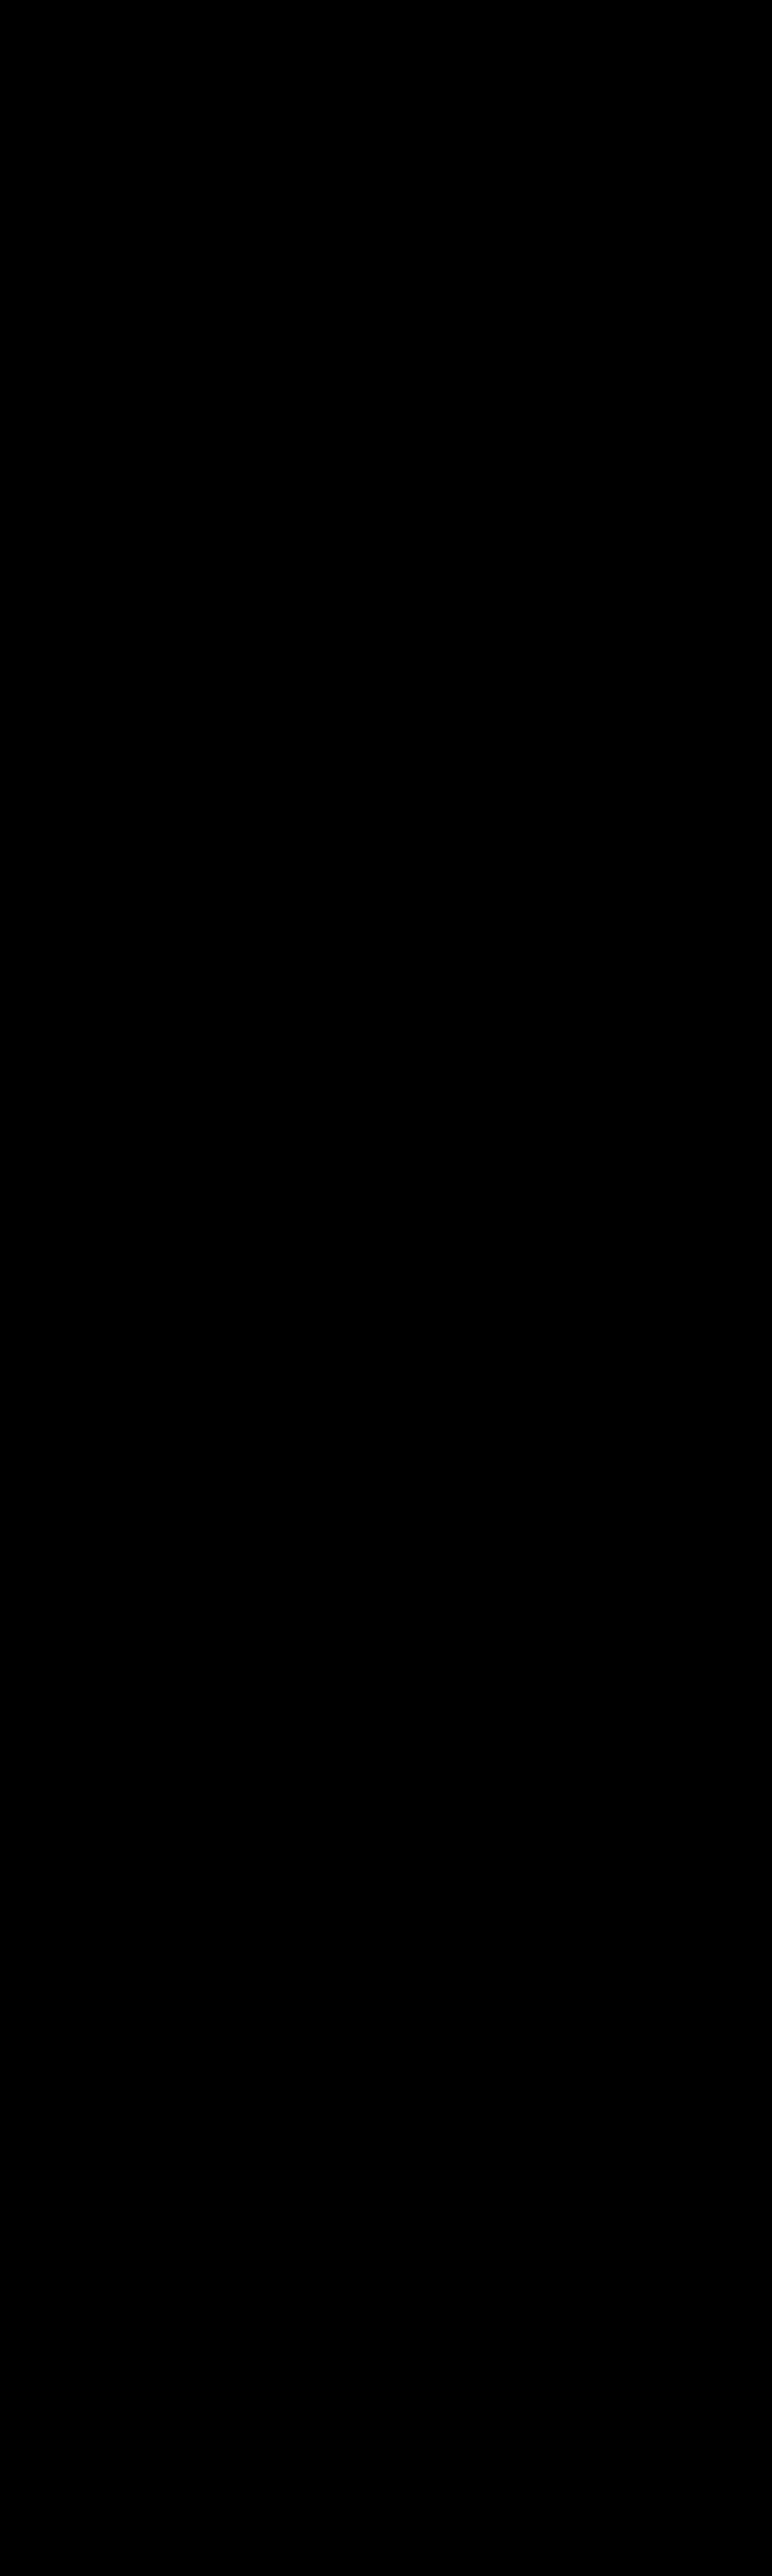 MENU PNG1.png